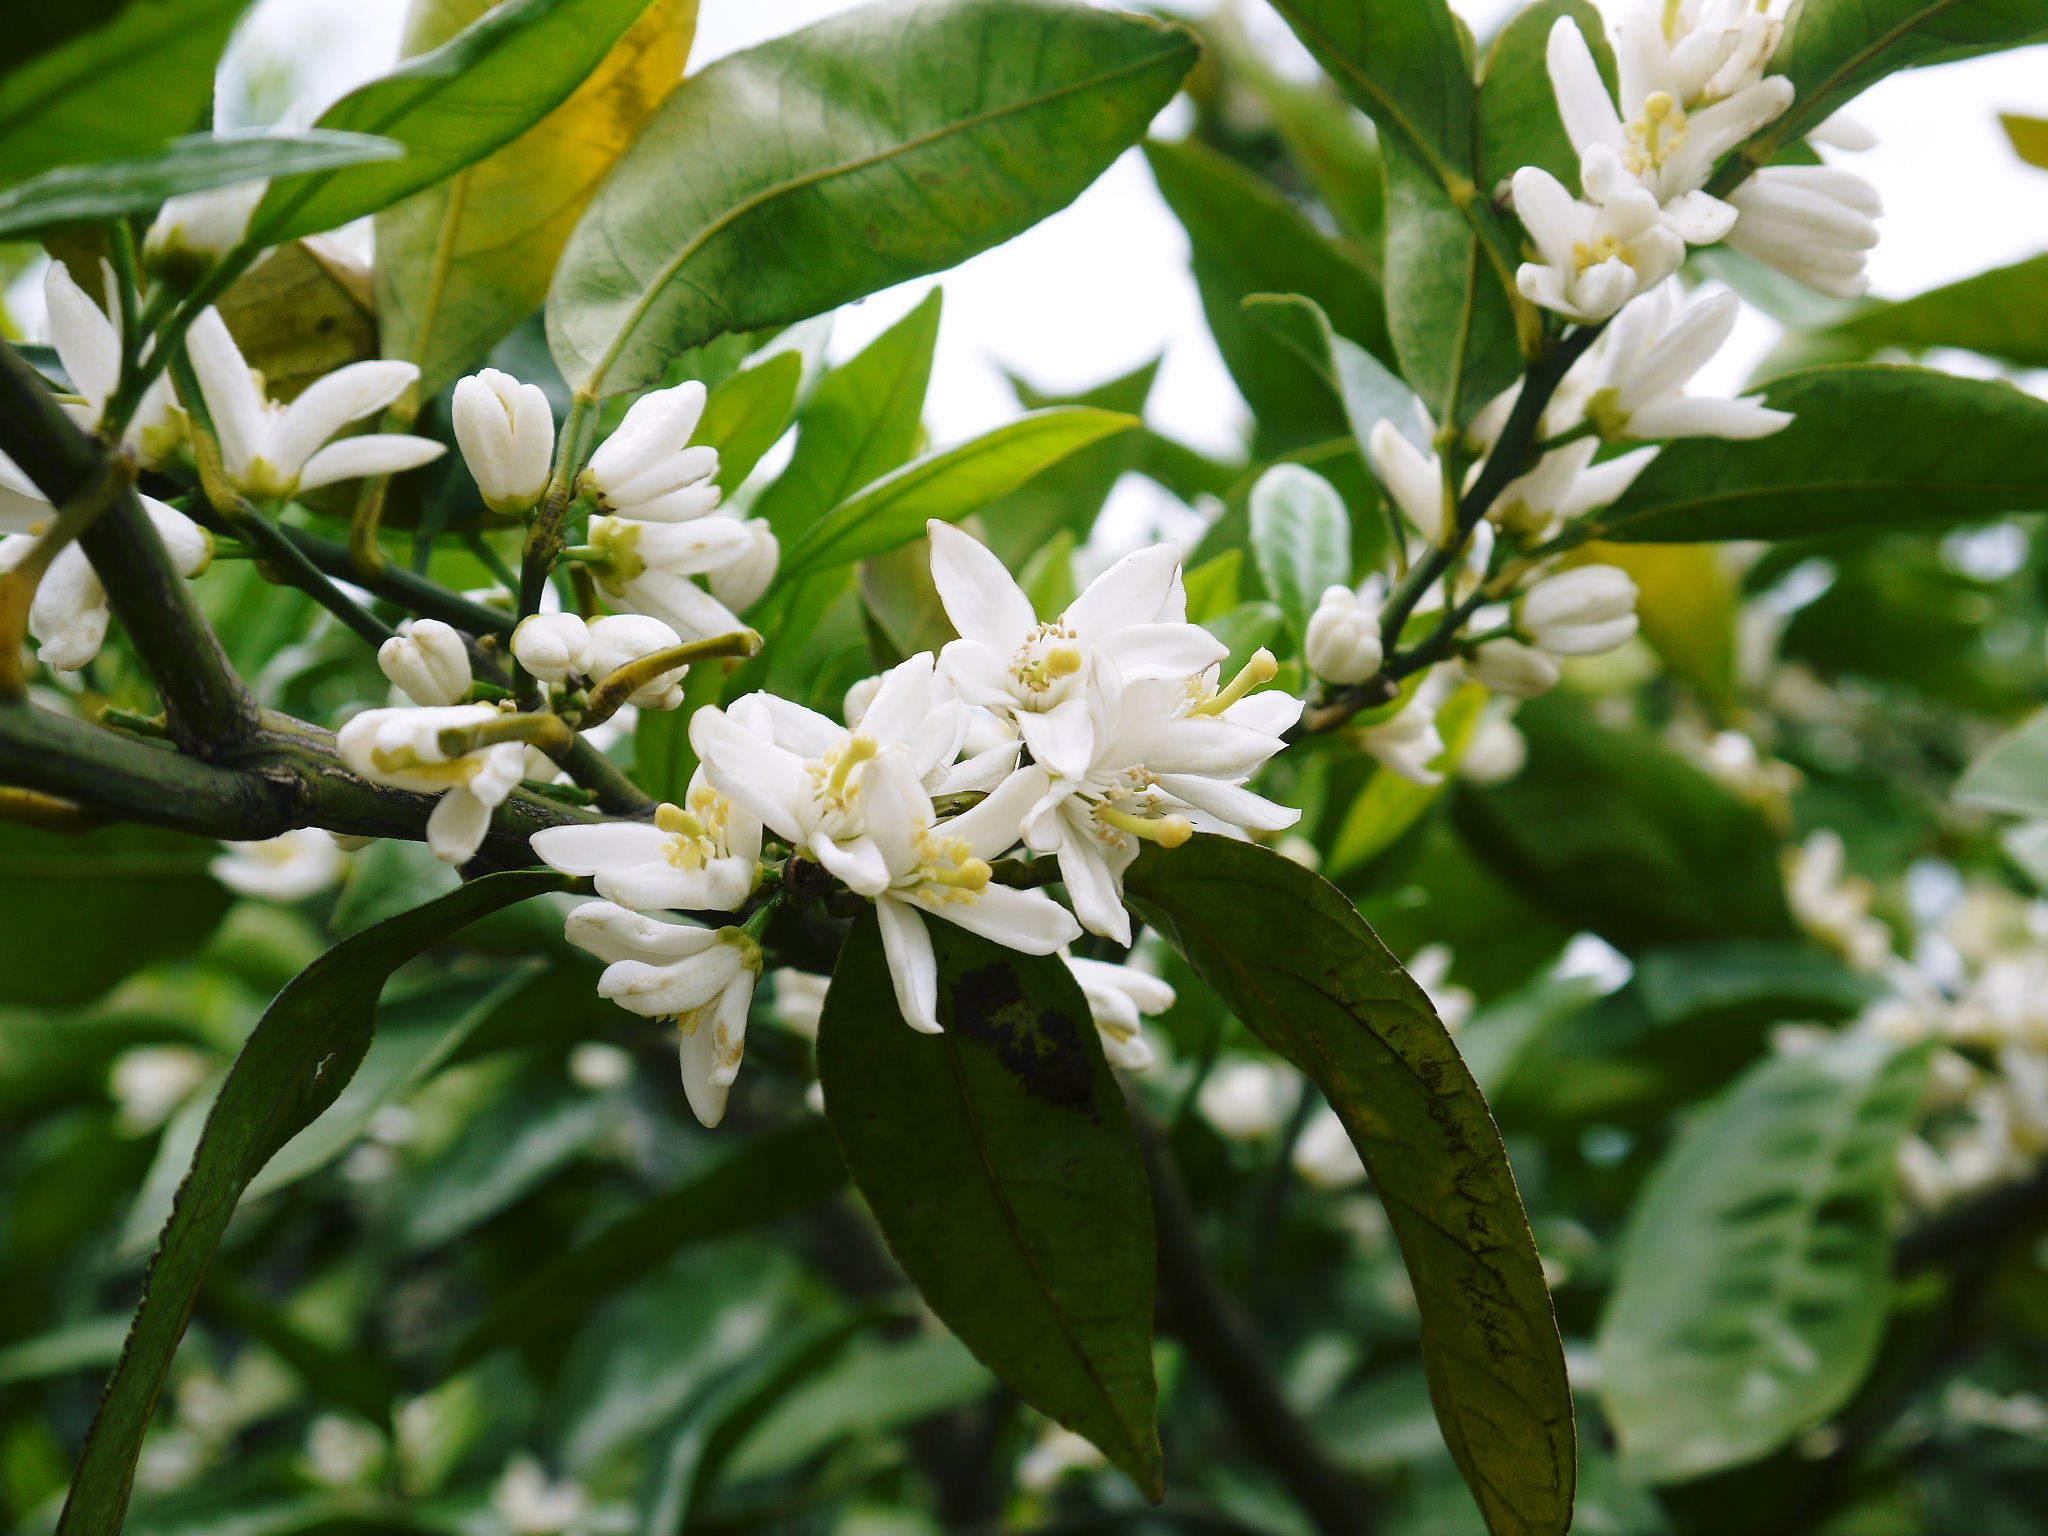 ザ・みかん みかんの花咲く様子(2020年)と春草を有機肥料に!!元気いっぱいの果樹で育てます!!_a0254656_14485475.jpg